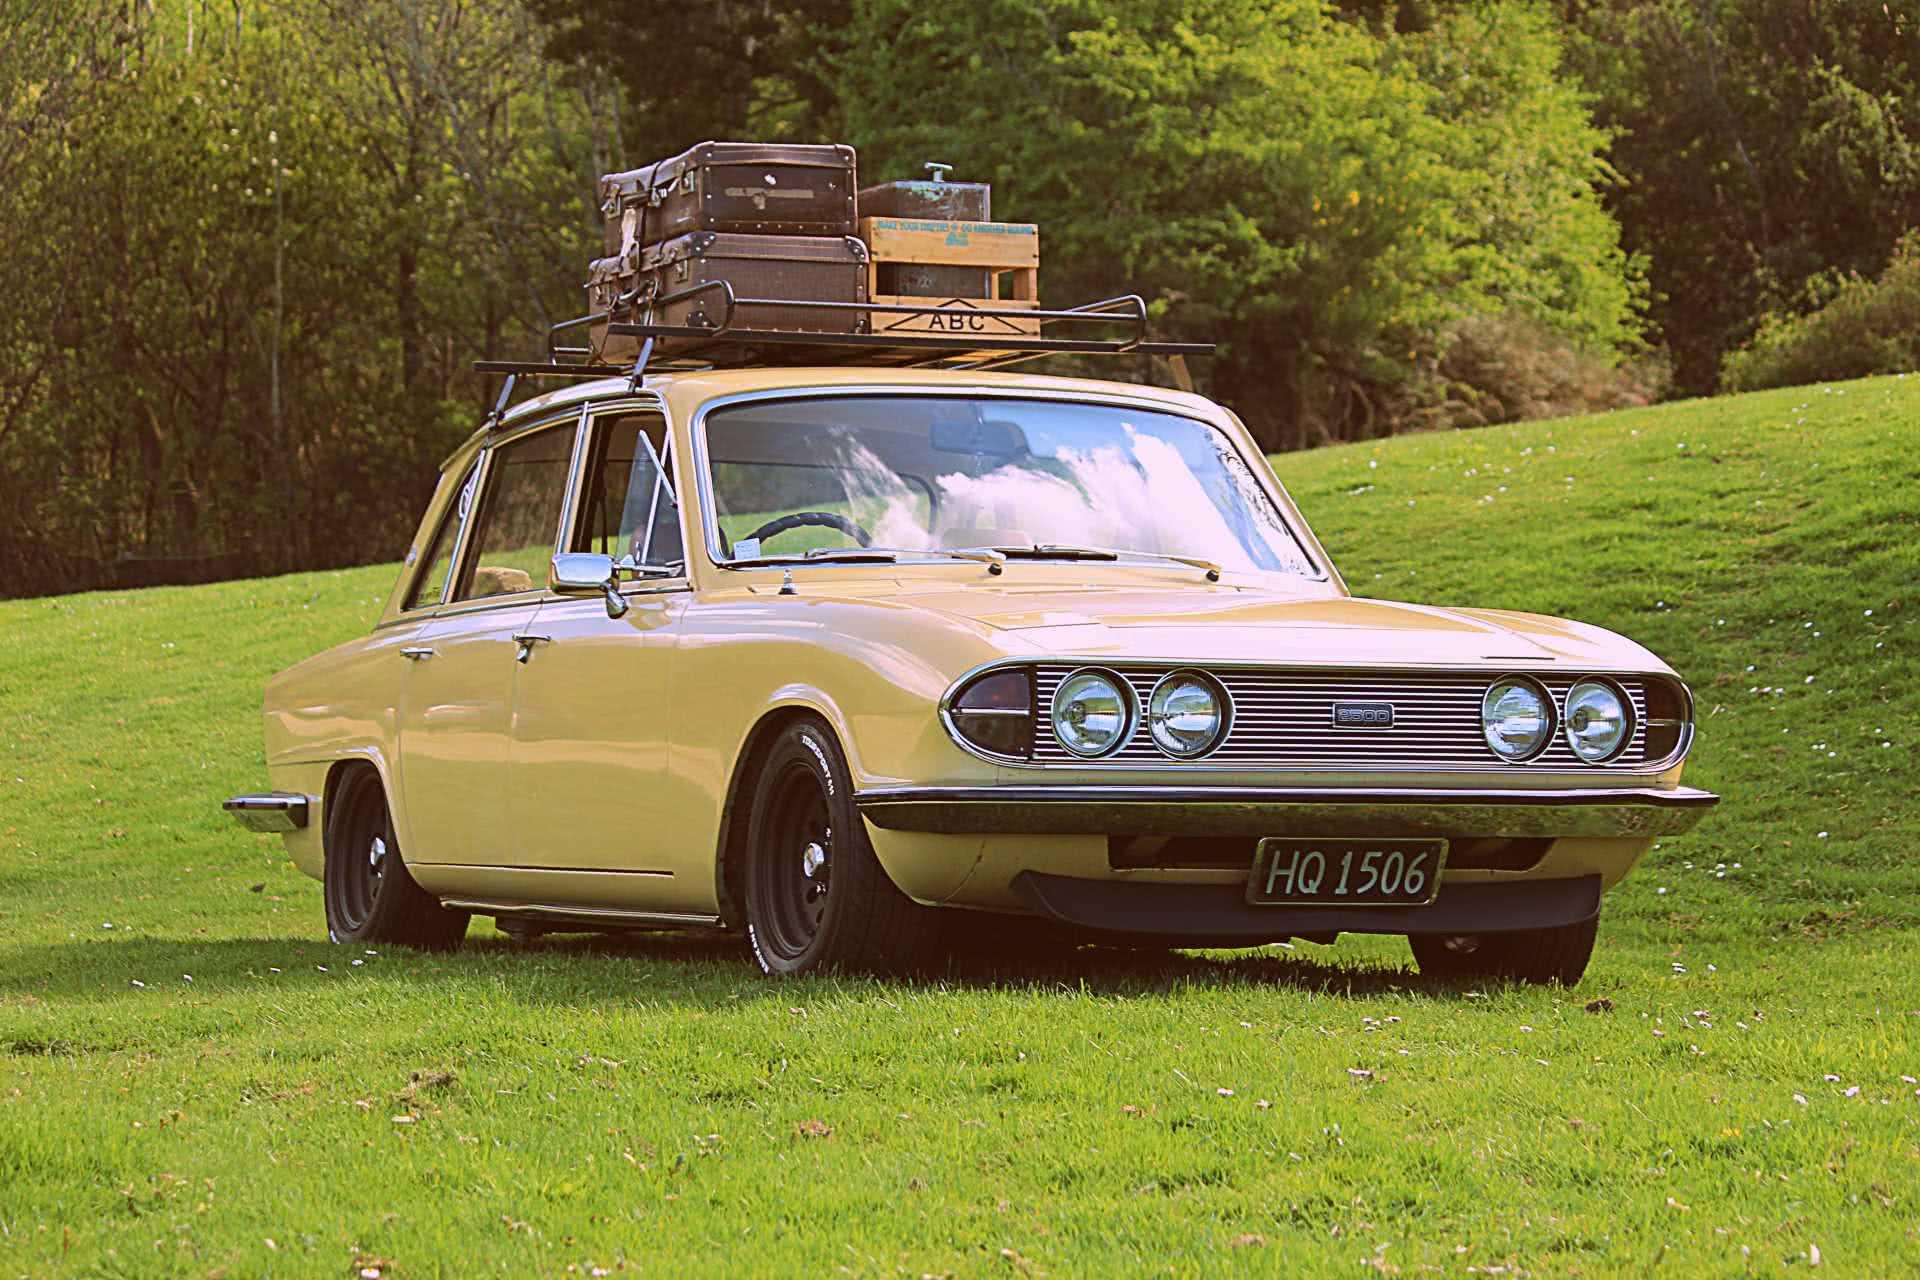 1976 Triumph 2500 TC